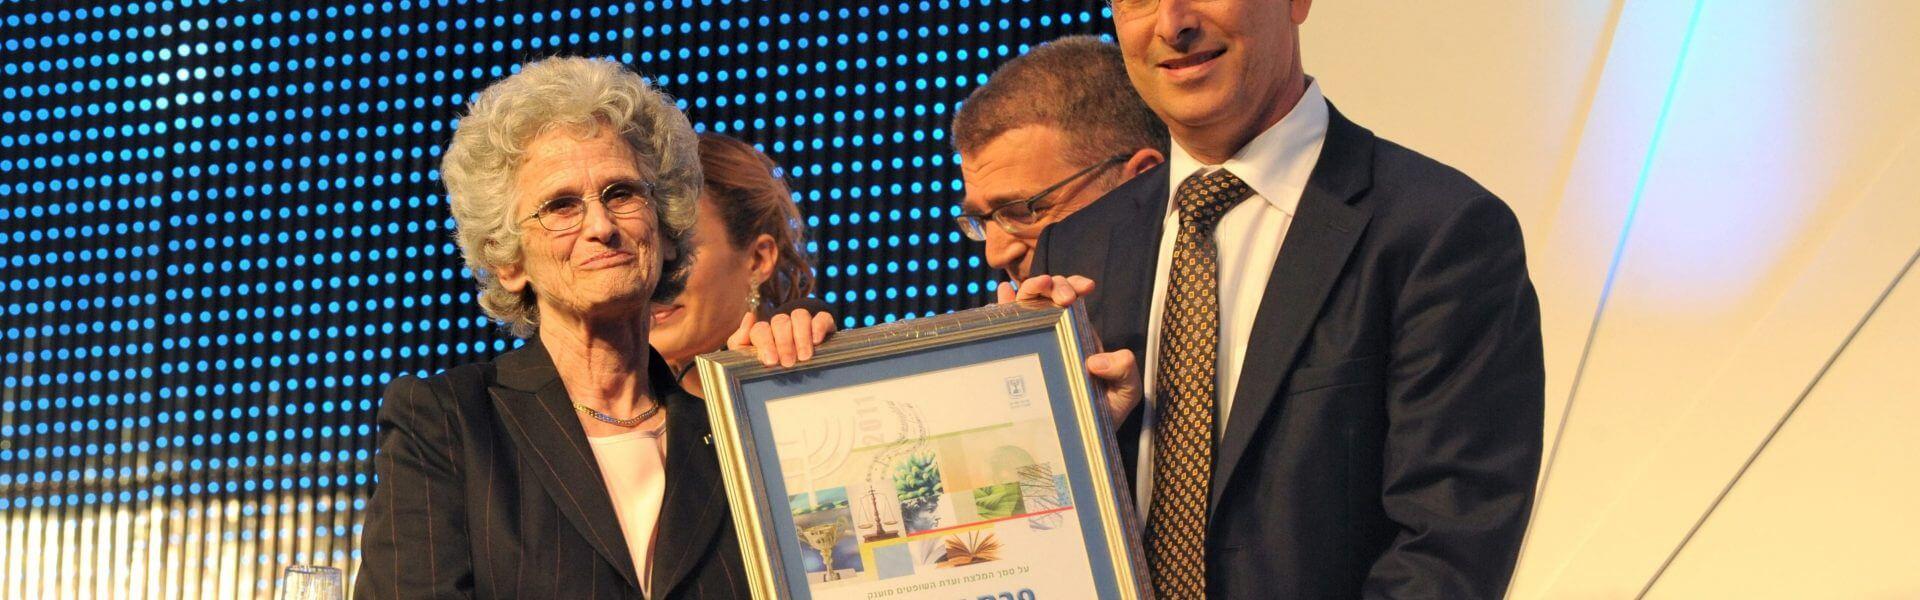 רות גביזון עם גדעון סער בעת קבלת פרס ישראל לשנת התשע